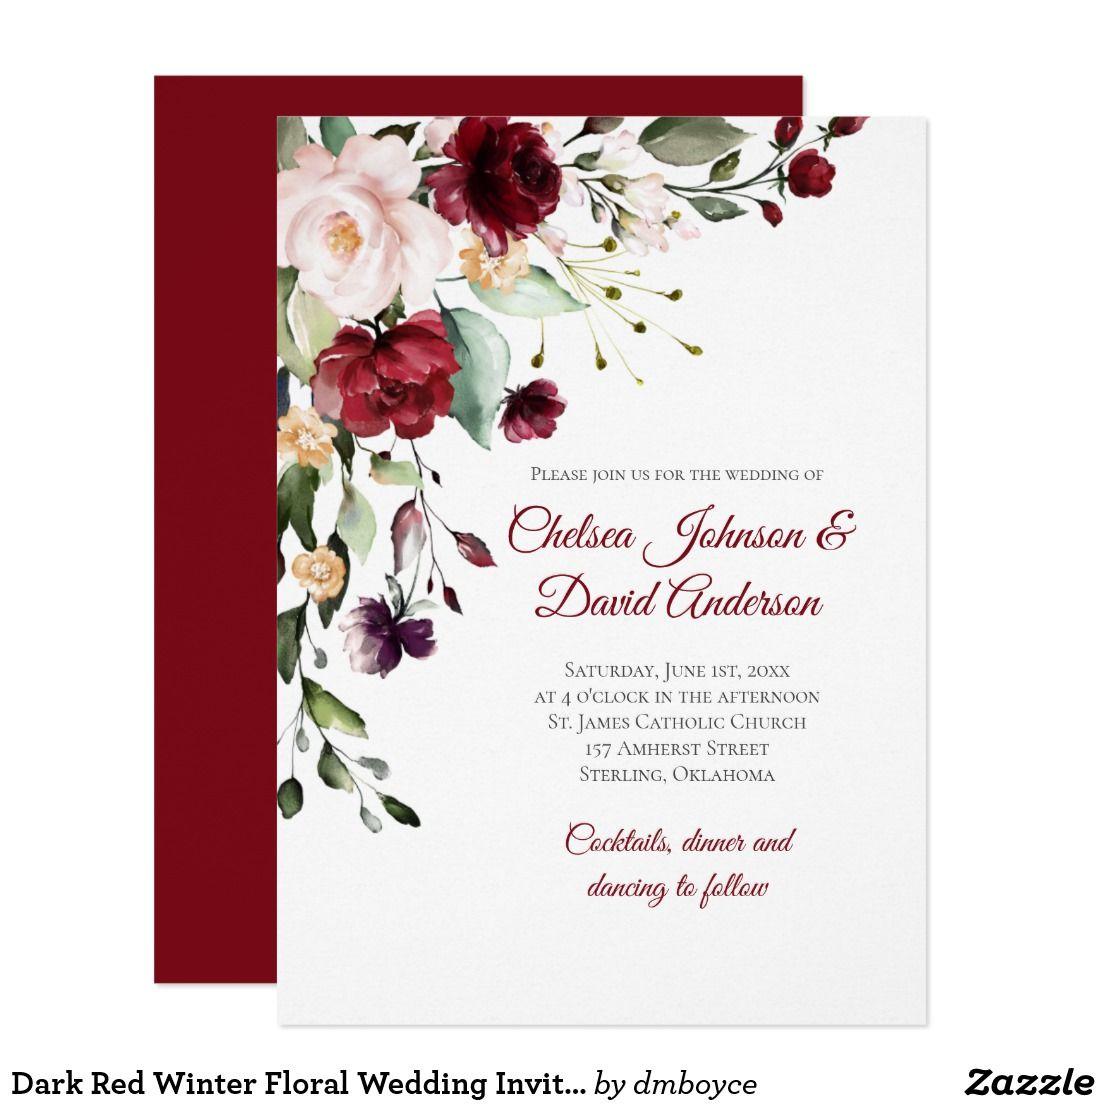 Dark Red Winter Floral Wedding Invitation | Winter Wedding ...